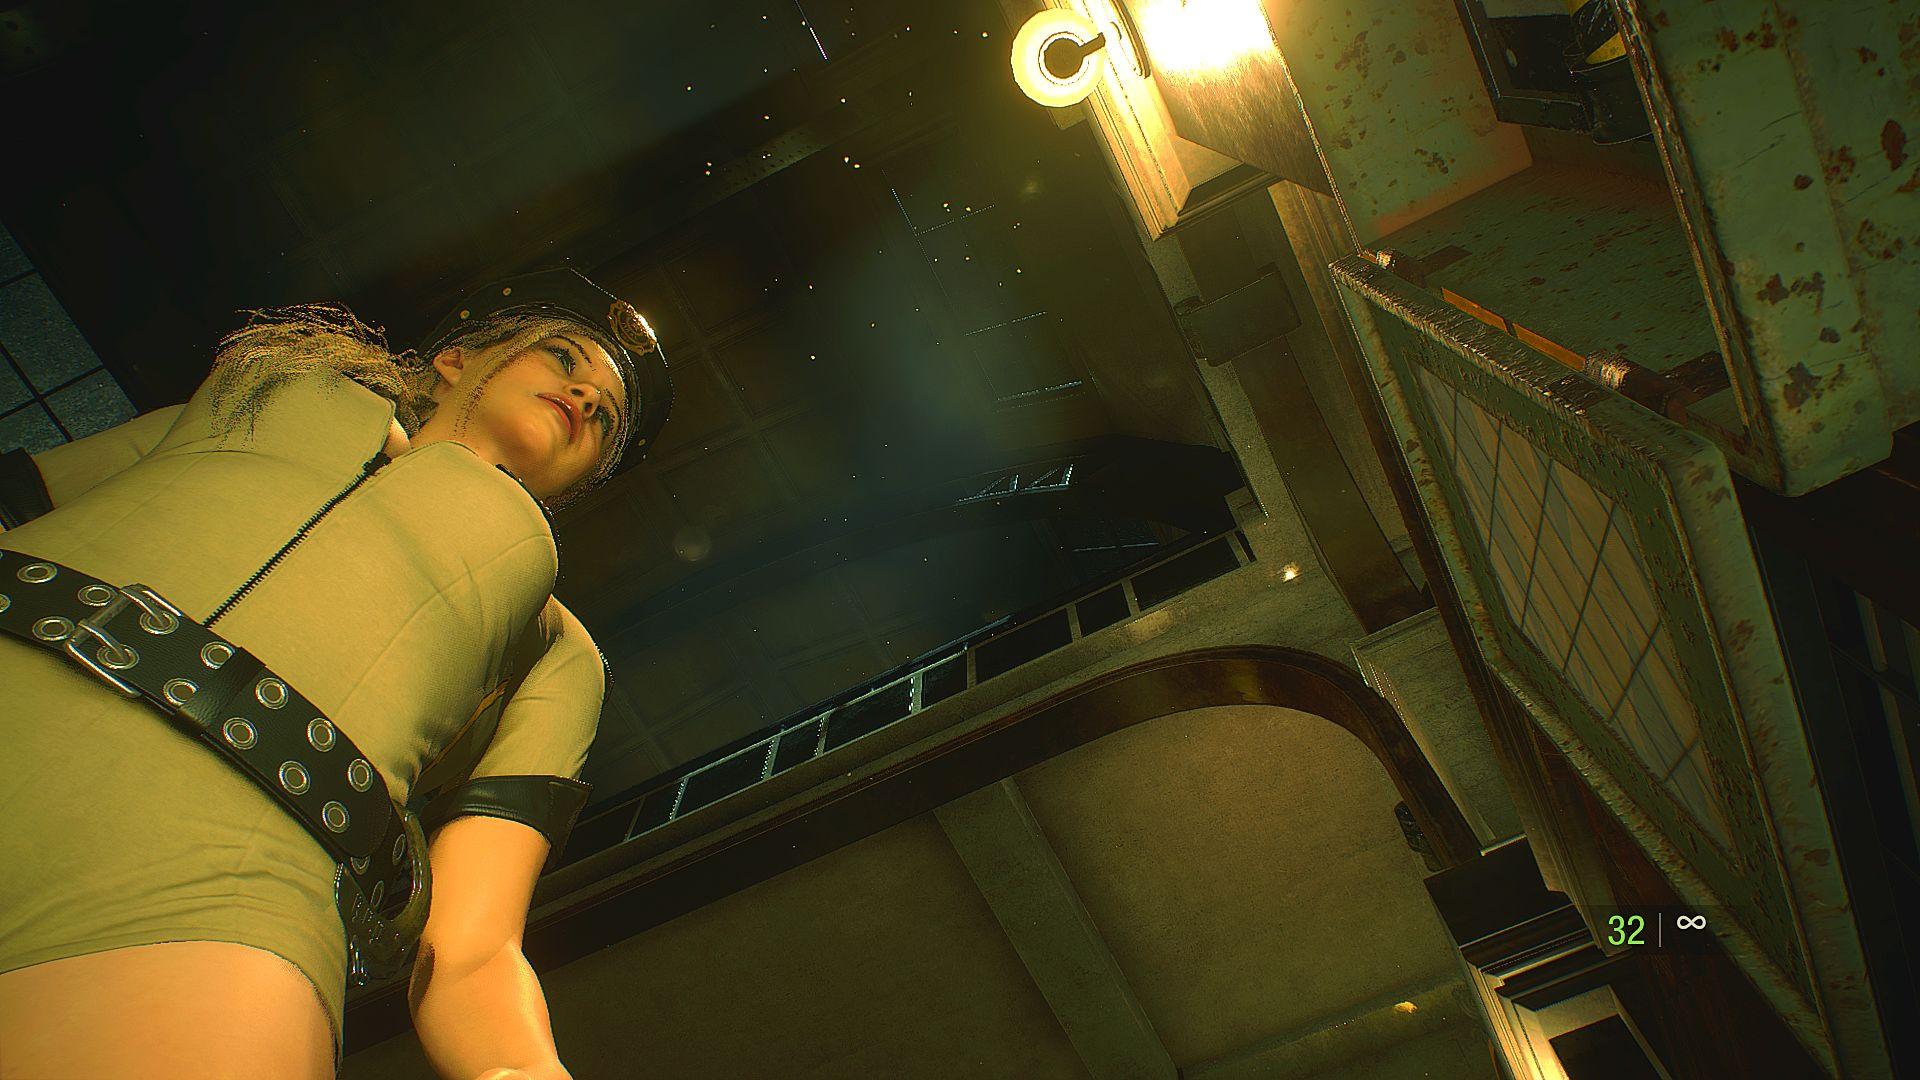 000753.Jpg - Resident Evil 2